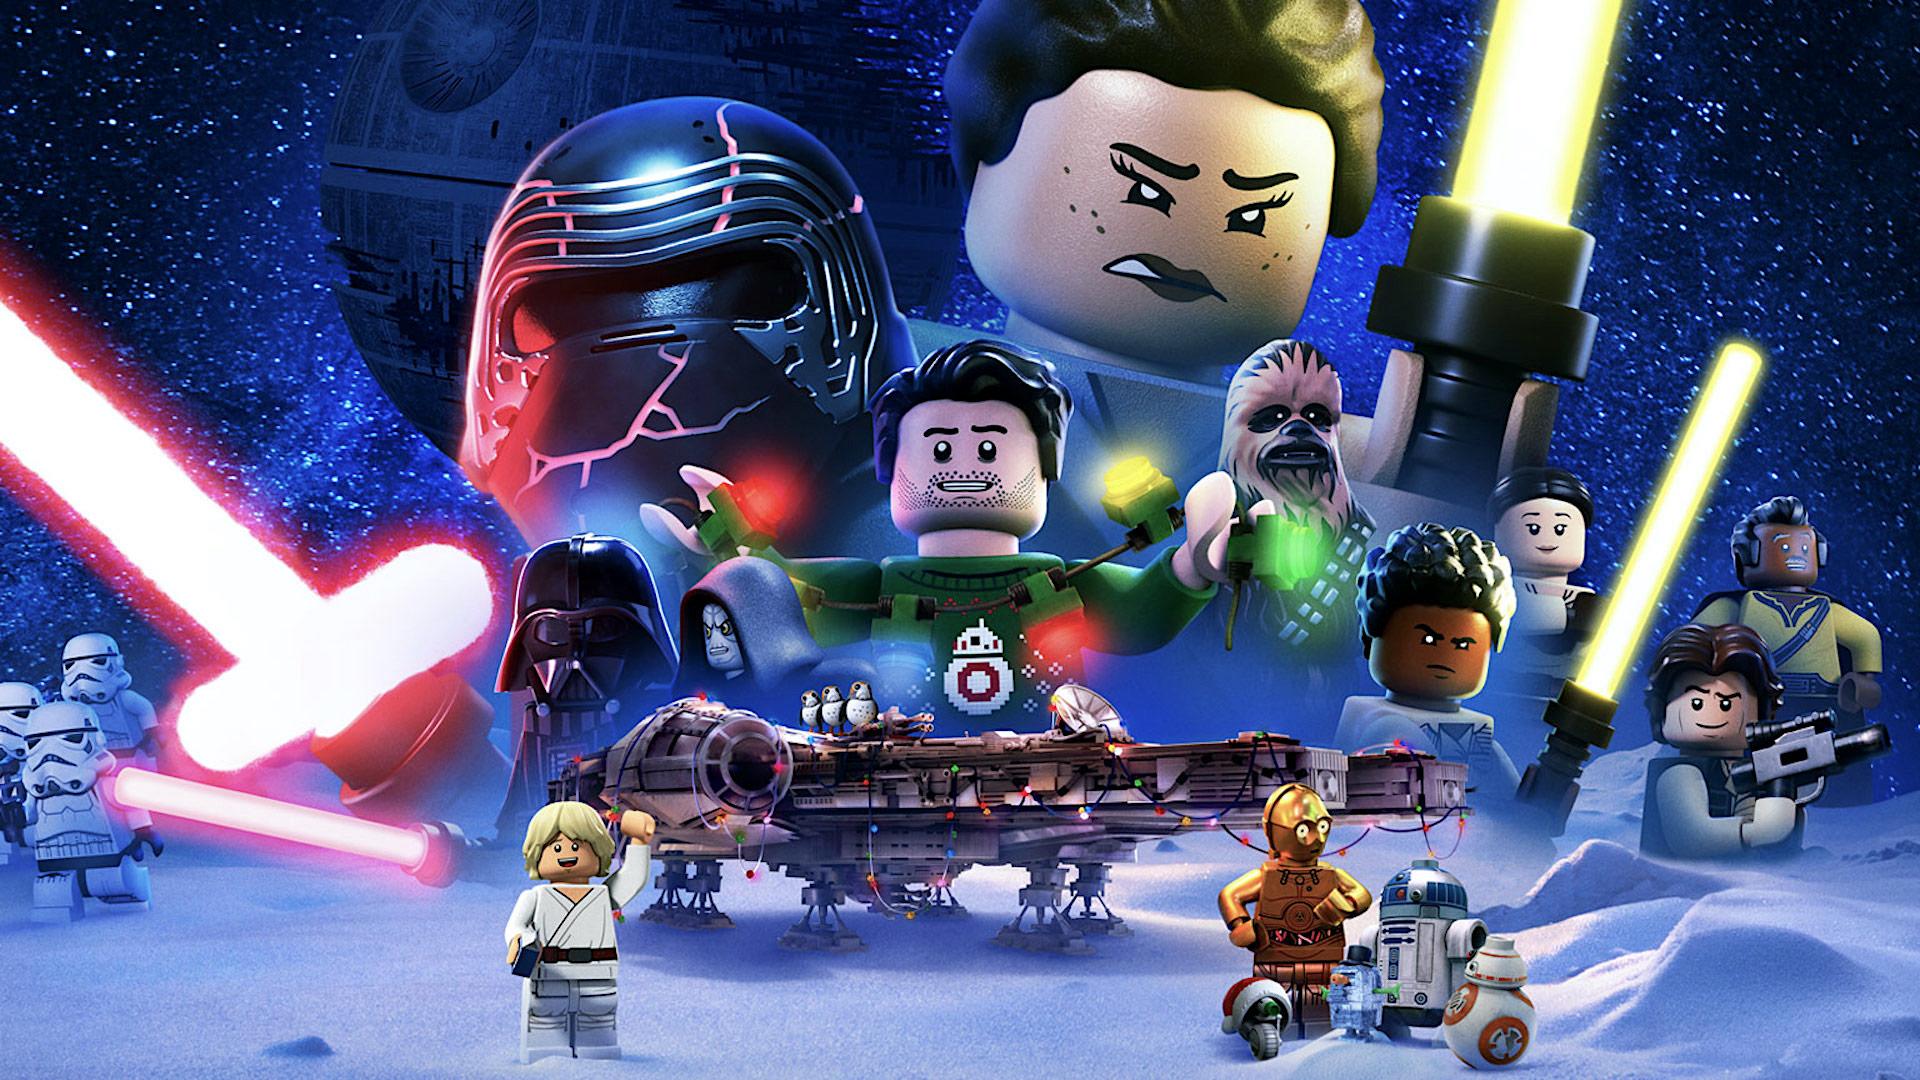 Lego Star Wars film